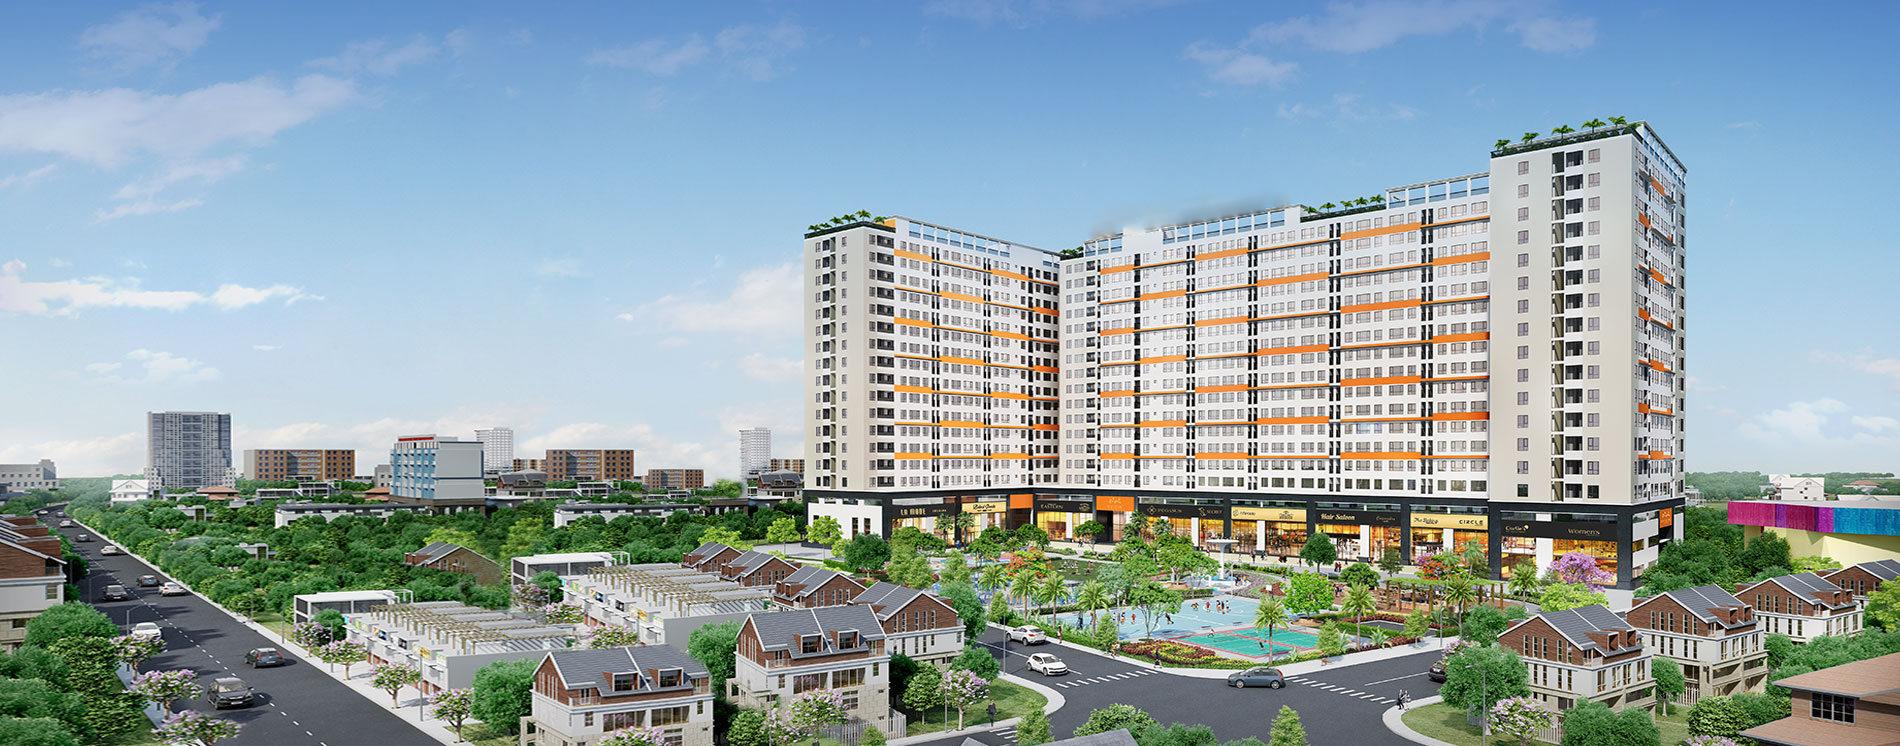 Dự án An Phú Apartment quận 6